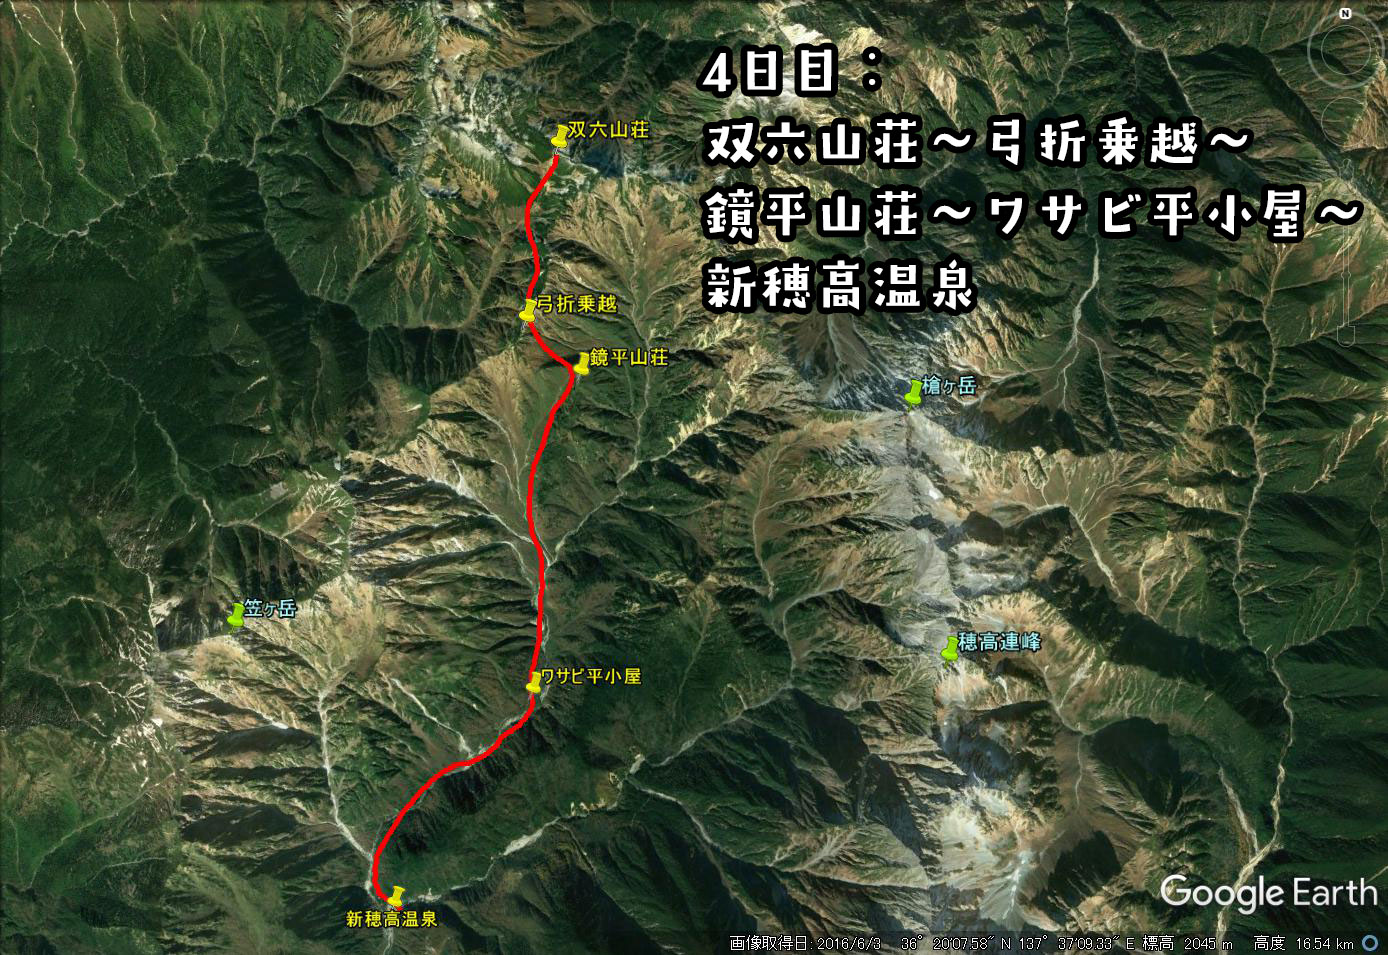 雲ノ平 地図 双六山荘~鏡平山荘~ワサビ平小屋~新穂高温泉